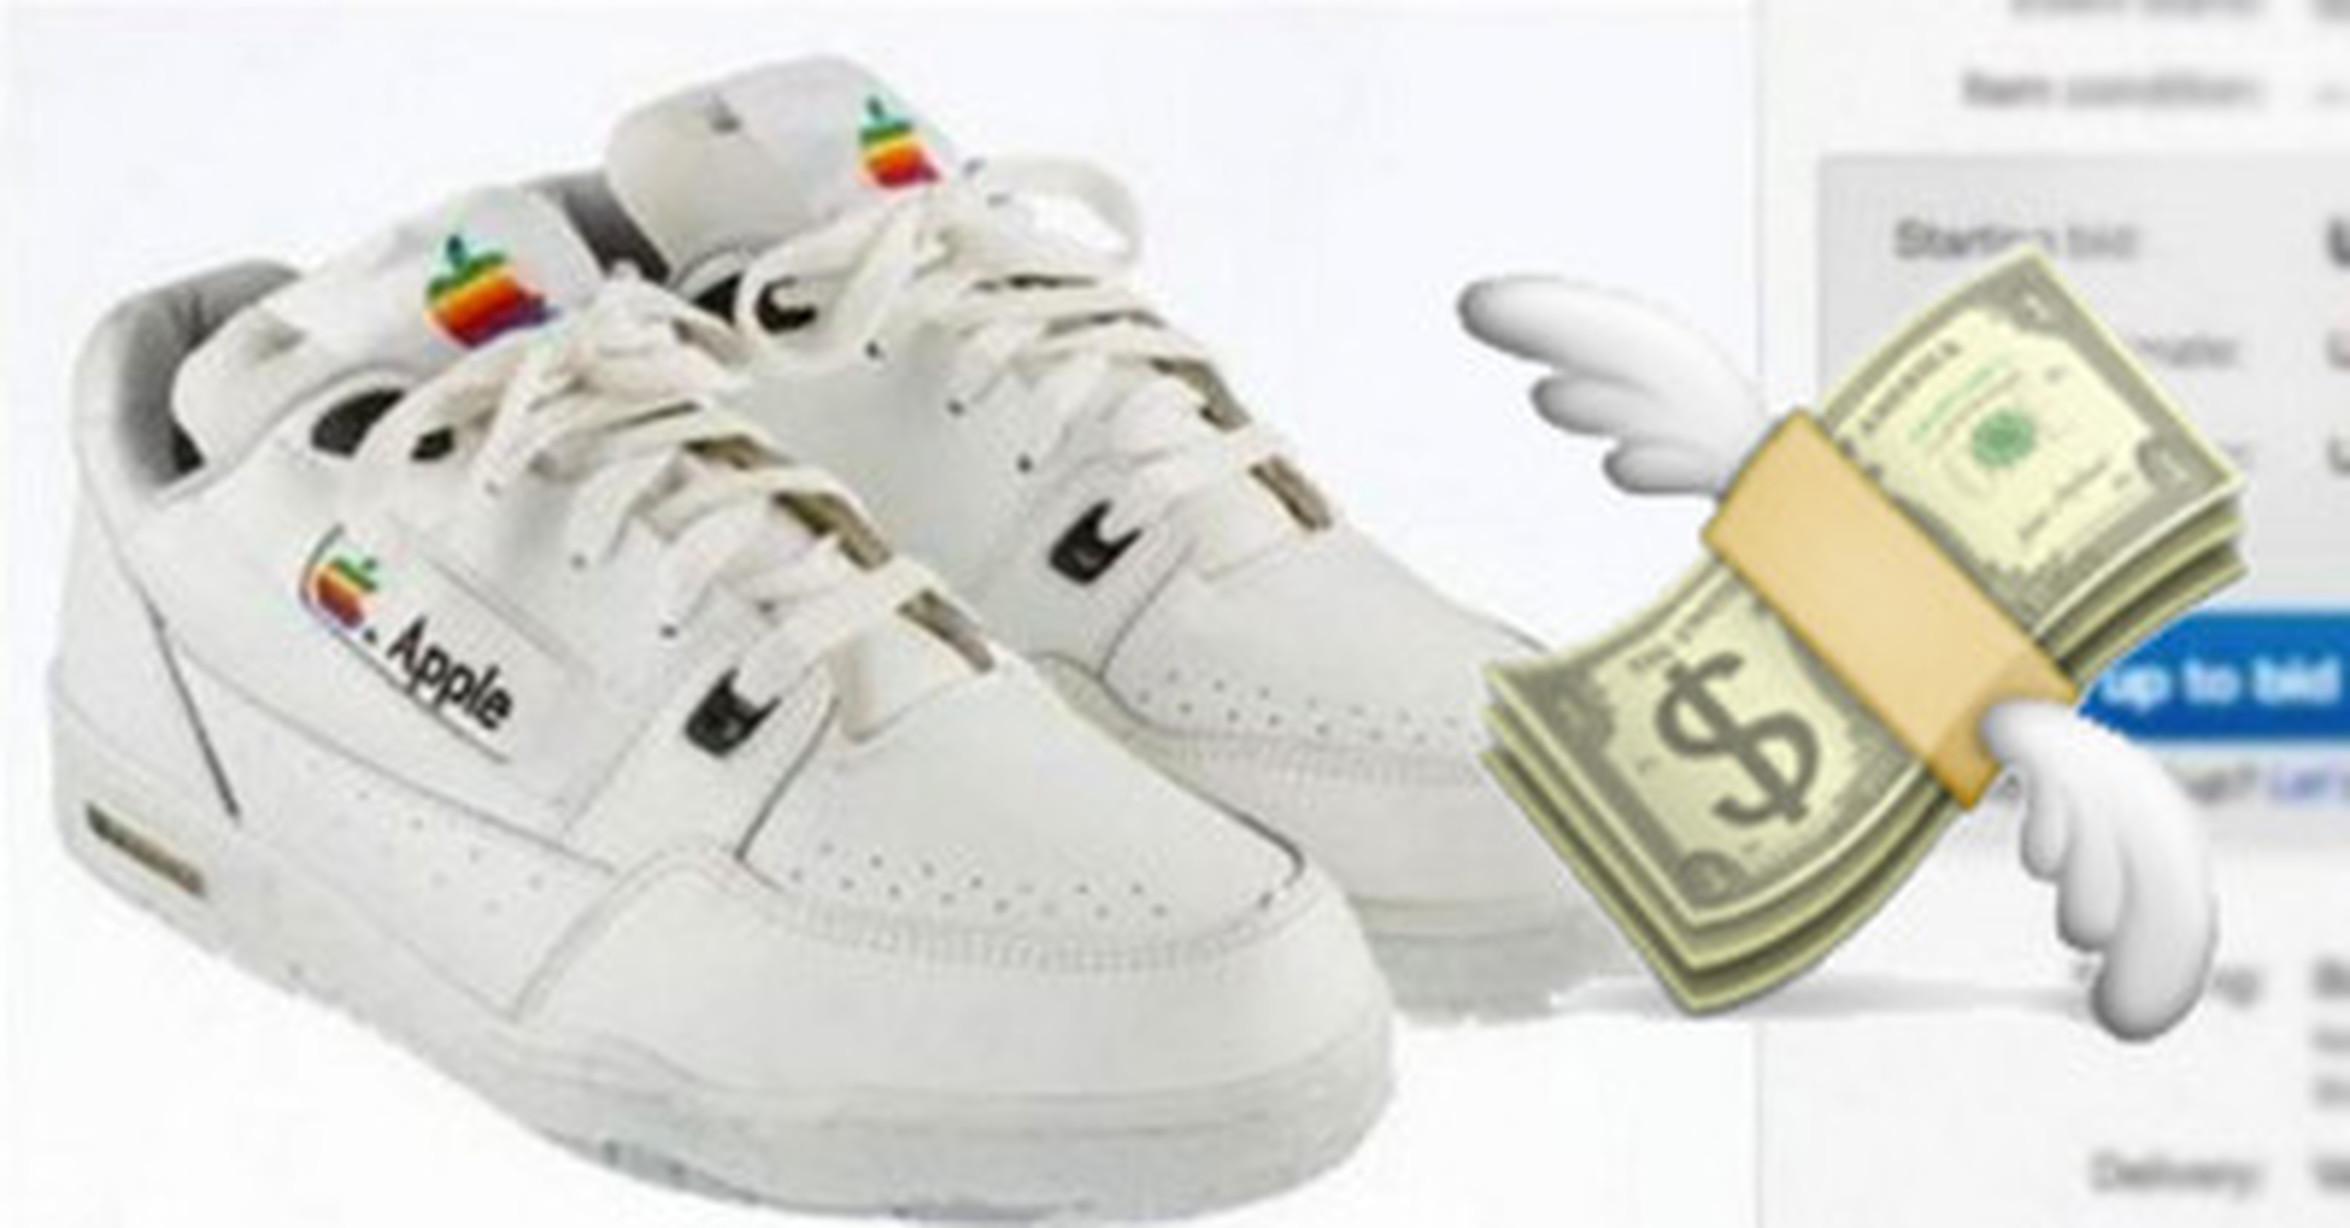 Motel especificar Lo anterior  Cuánta razón! / 'Ni son Reebok, ni son Nike': Subastan zapatillas Apple por  un precio astronómico